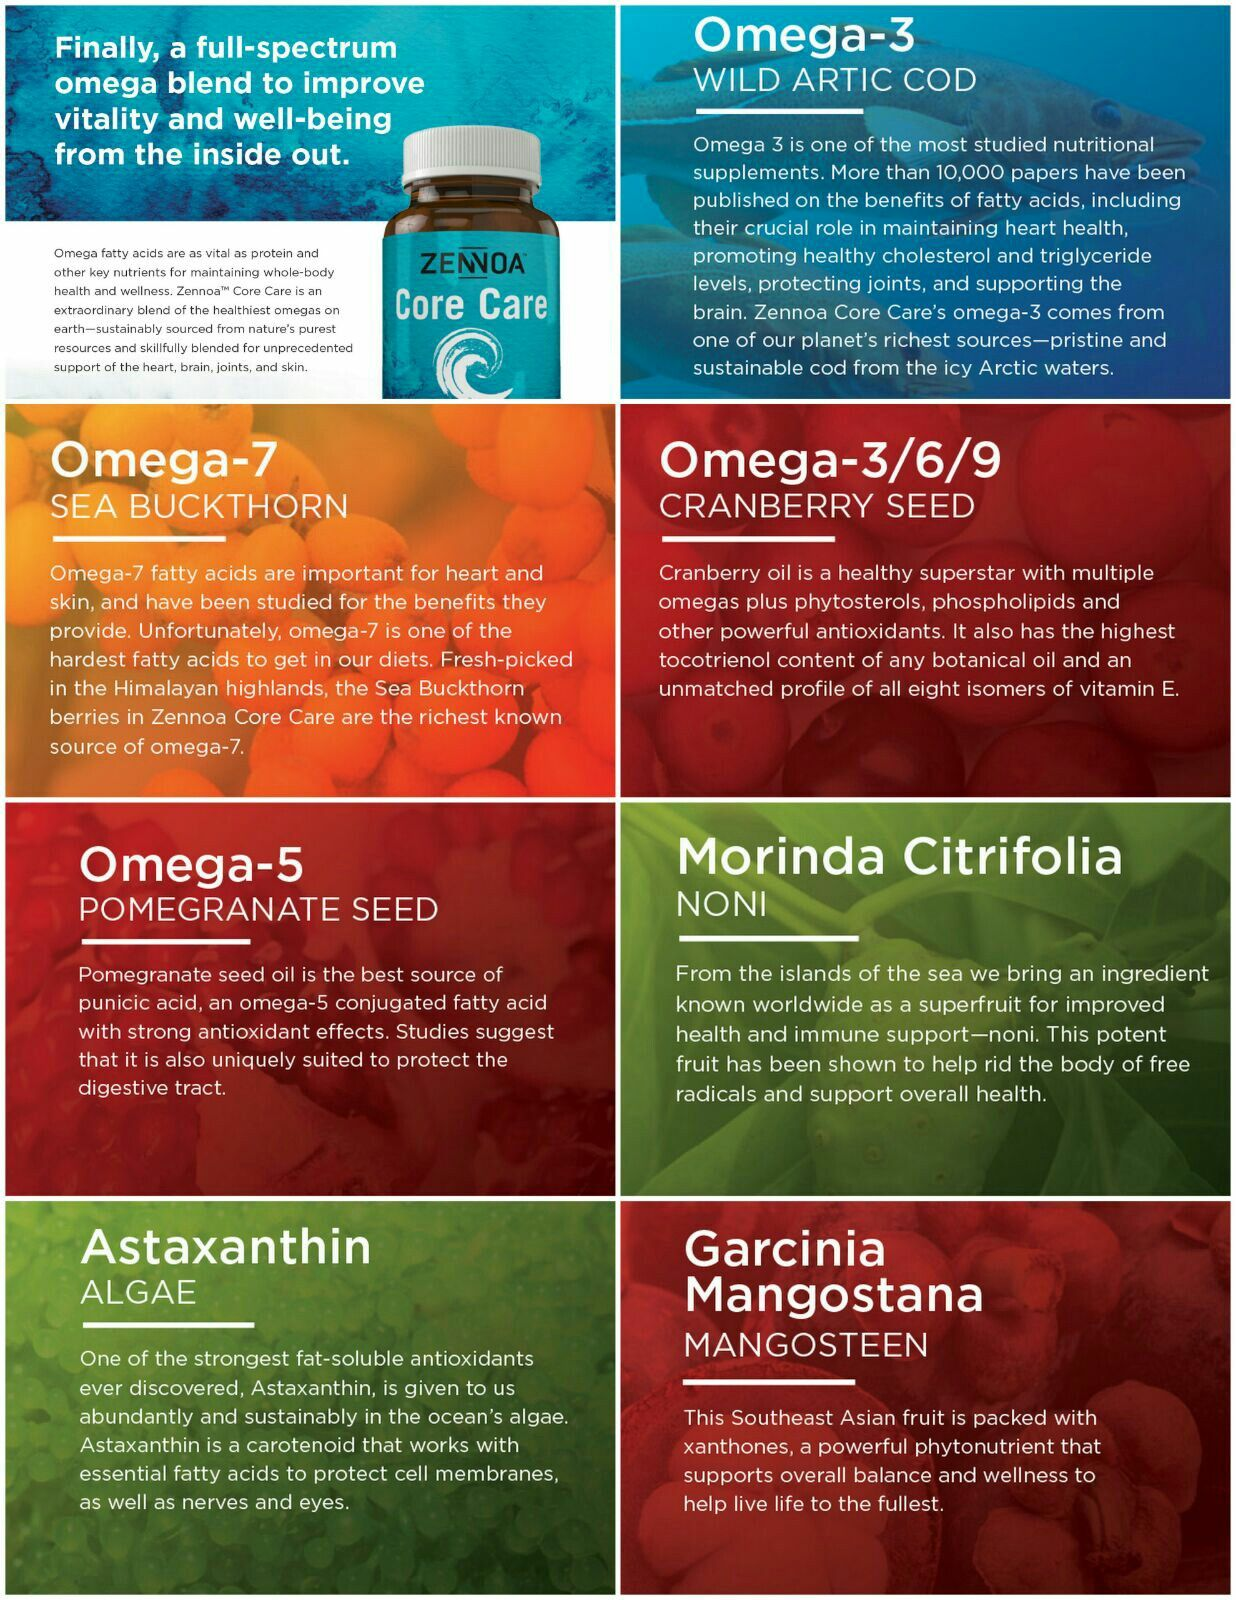 Zennoa Core Care Full Spectrum Of Omega Blends 3 5 6 7 And 9